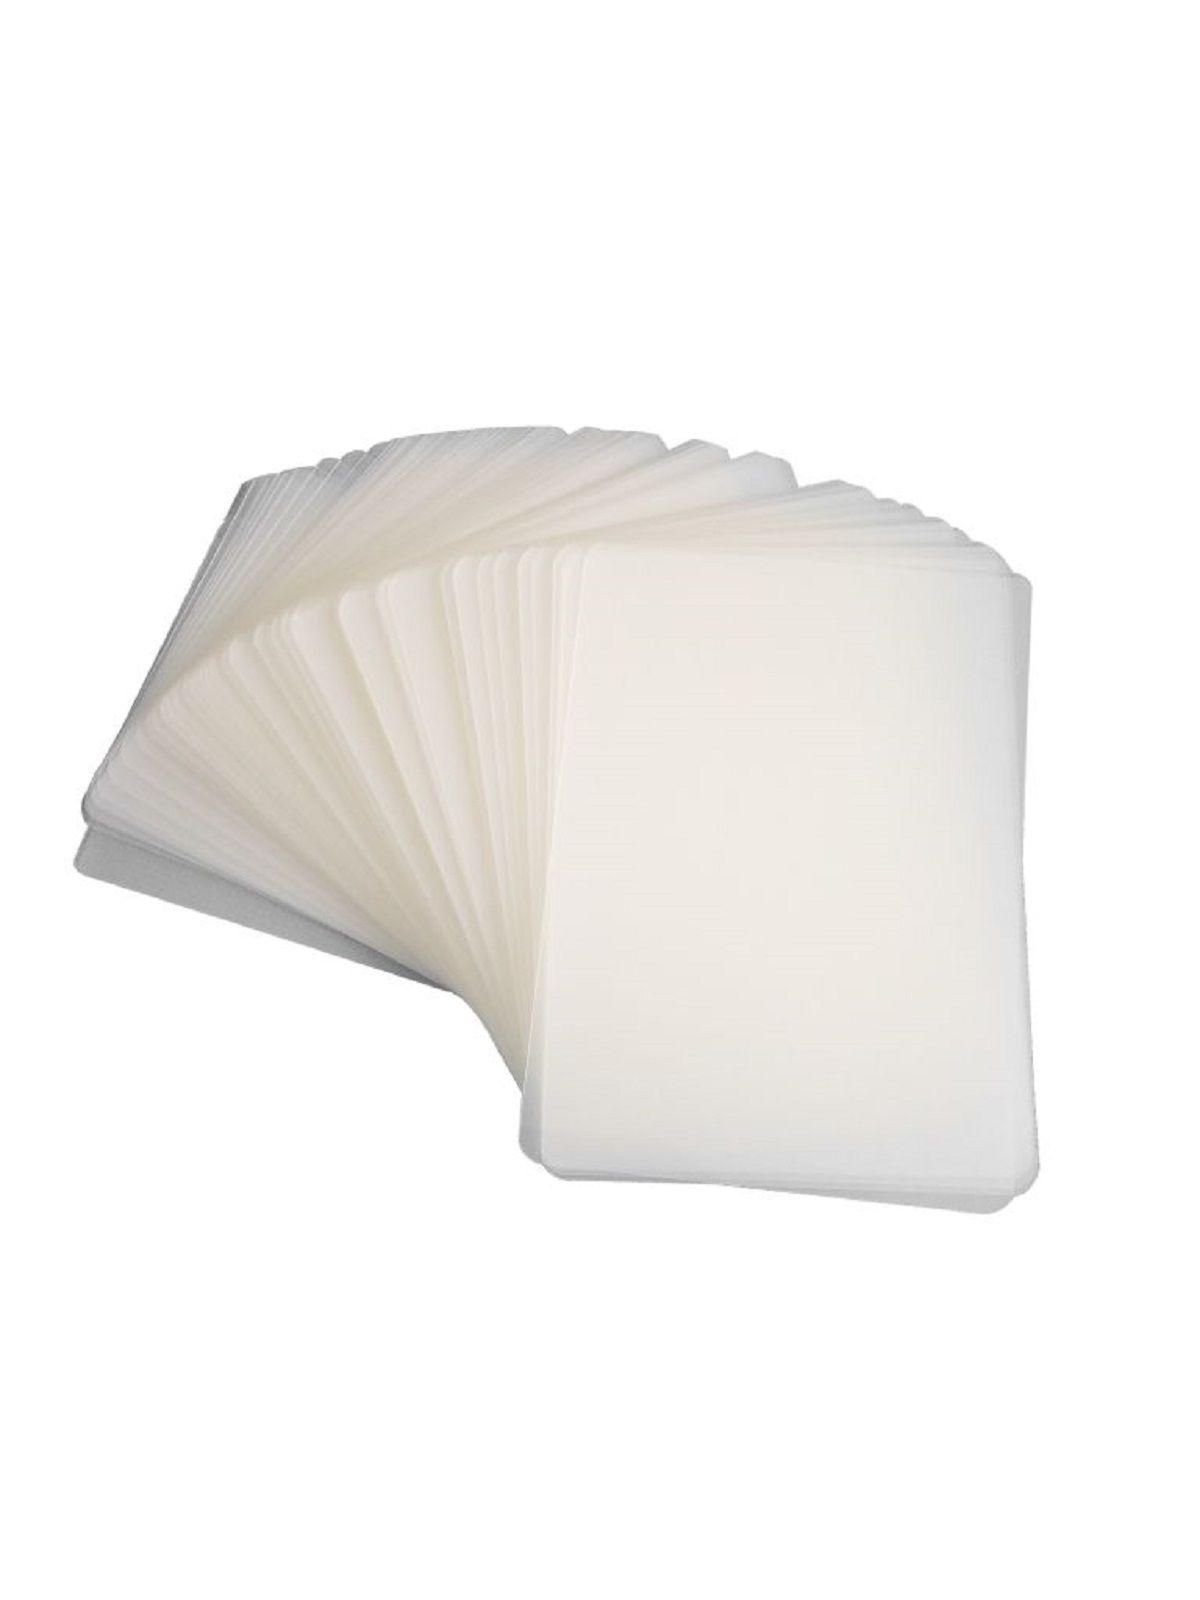 Polaseal para Plastificação CNPJ 121x191x0,05mm (125 micras) - Pacote com 20 unidades  - Click Suprimentos